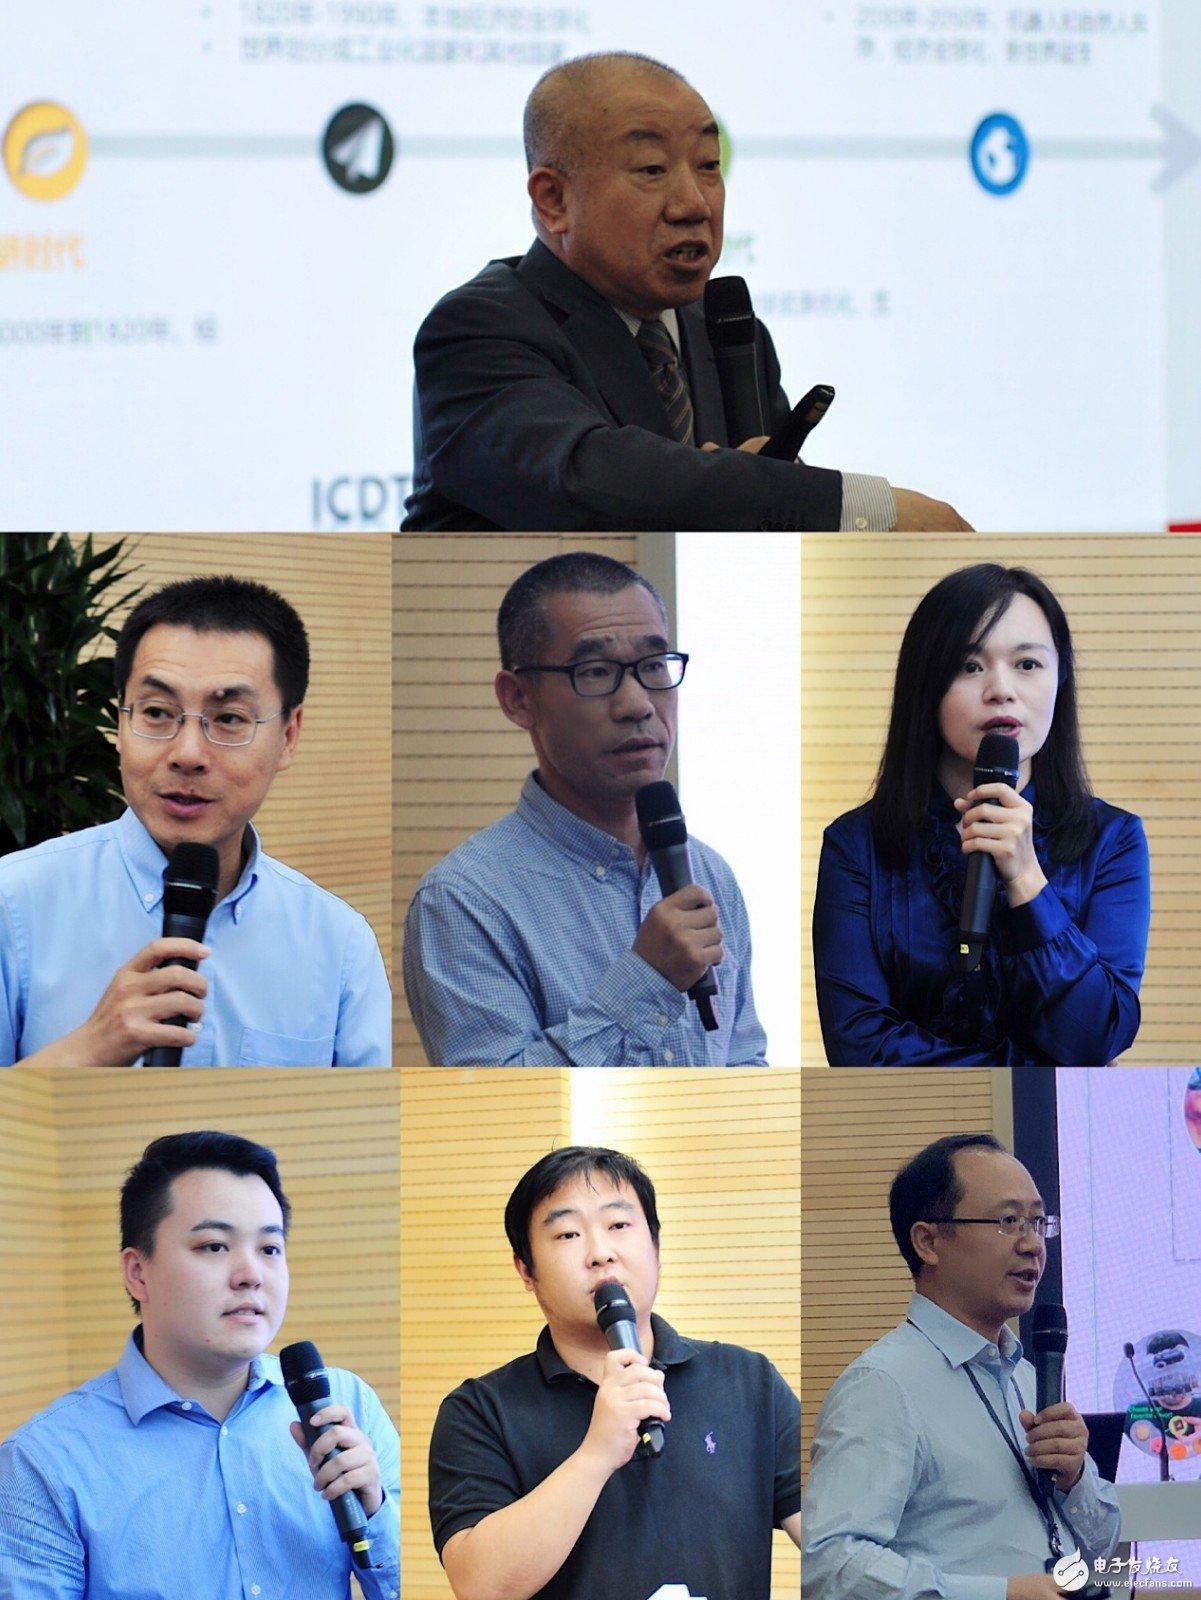 中国移动研究院正式召开了未来6G发展趋势的研讨会